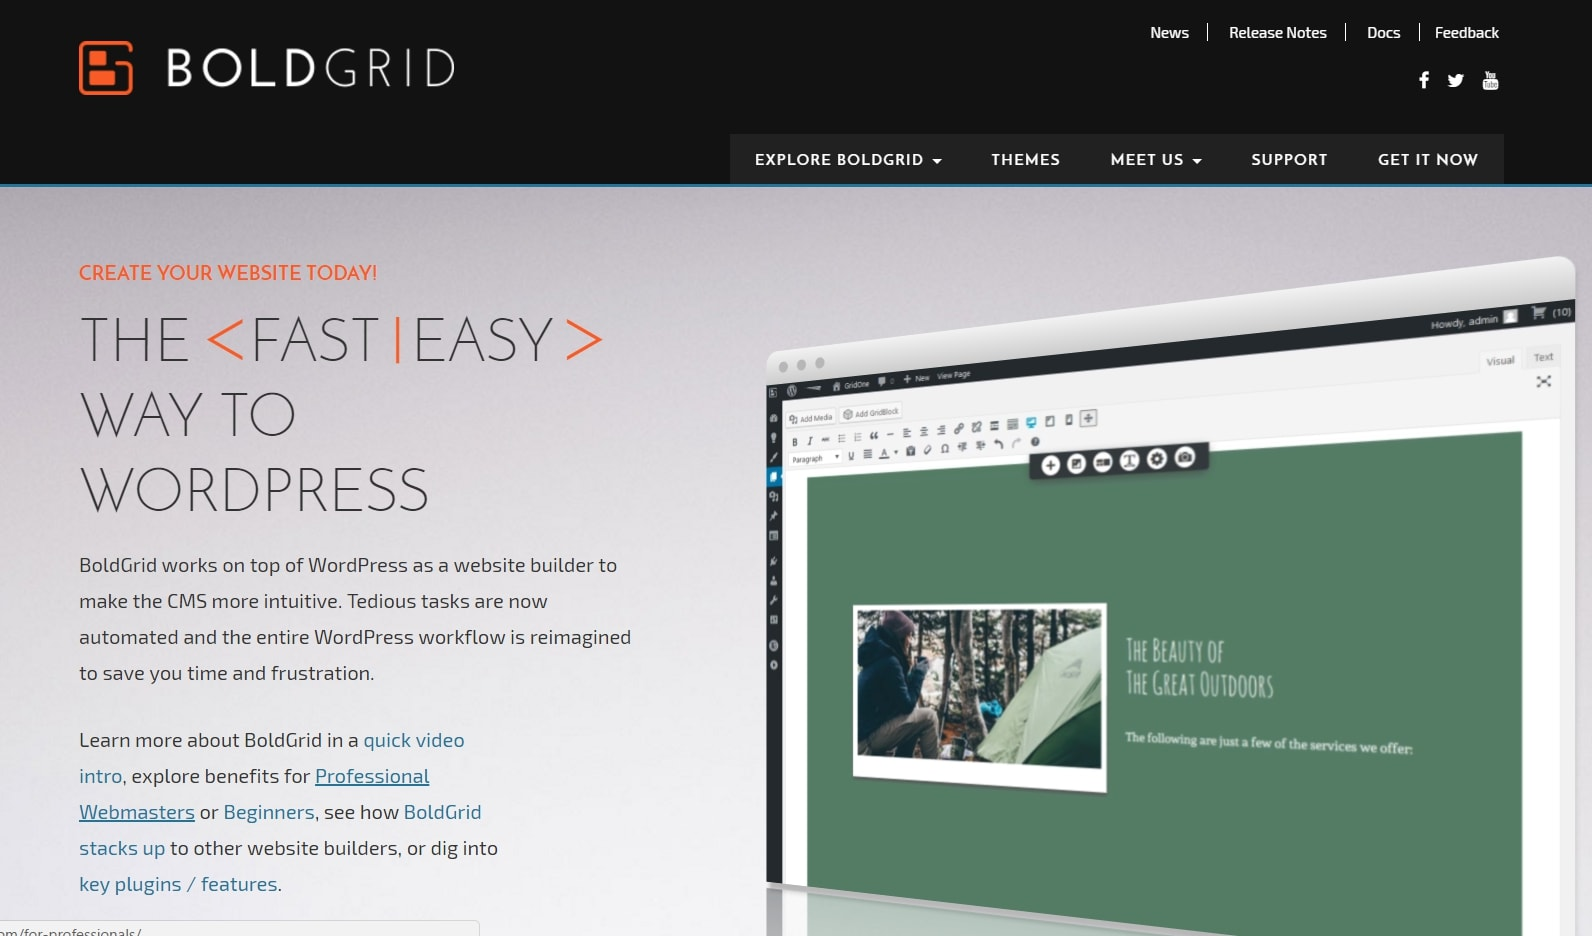 boldgrid-website-builder